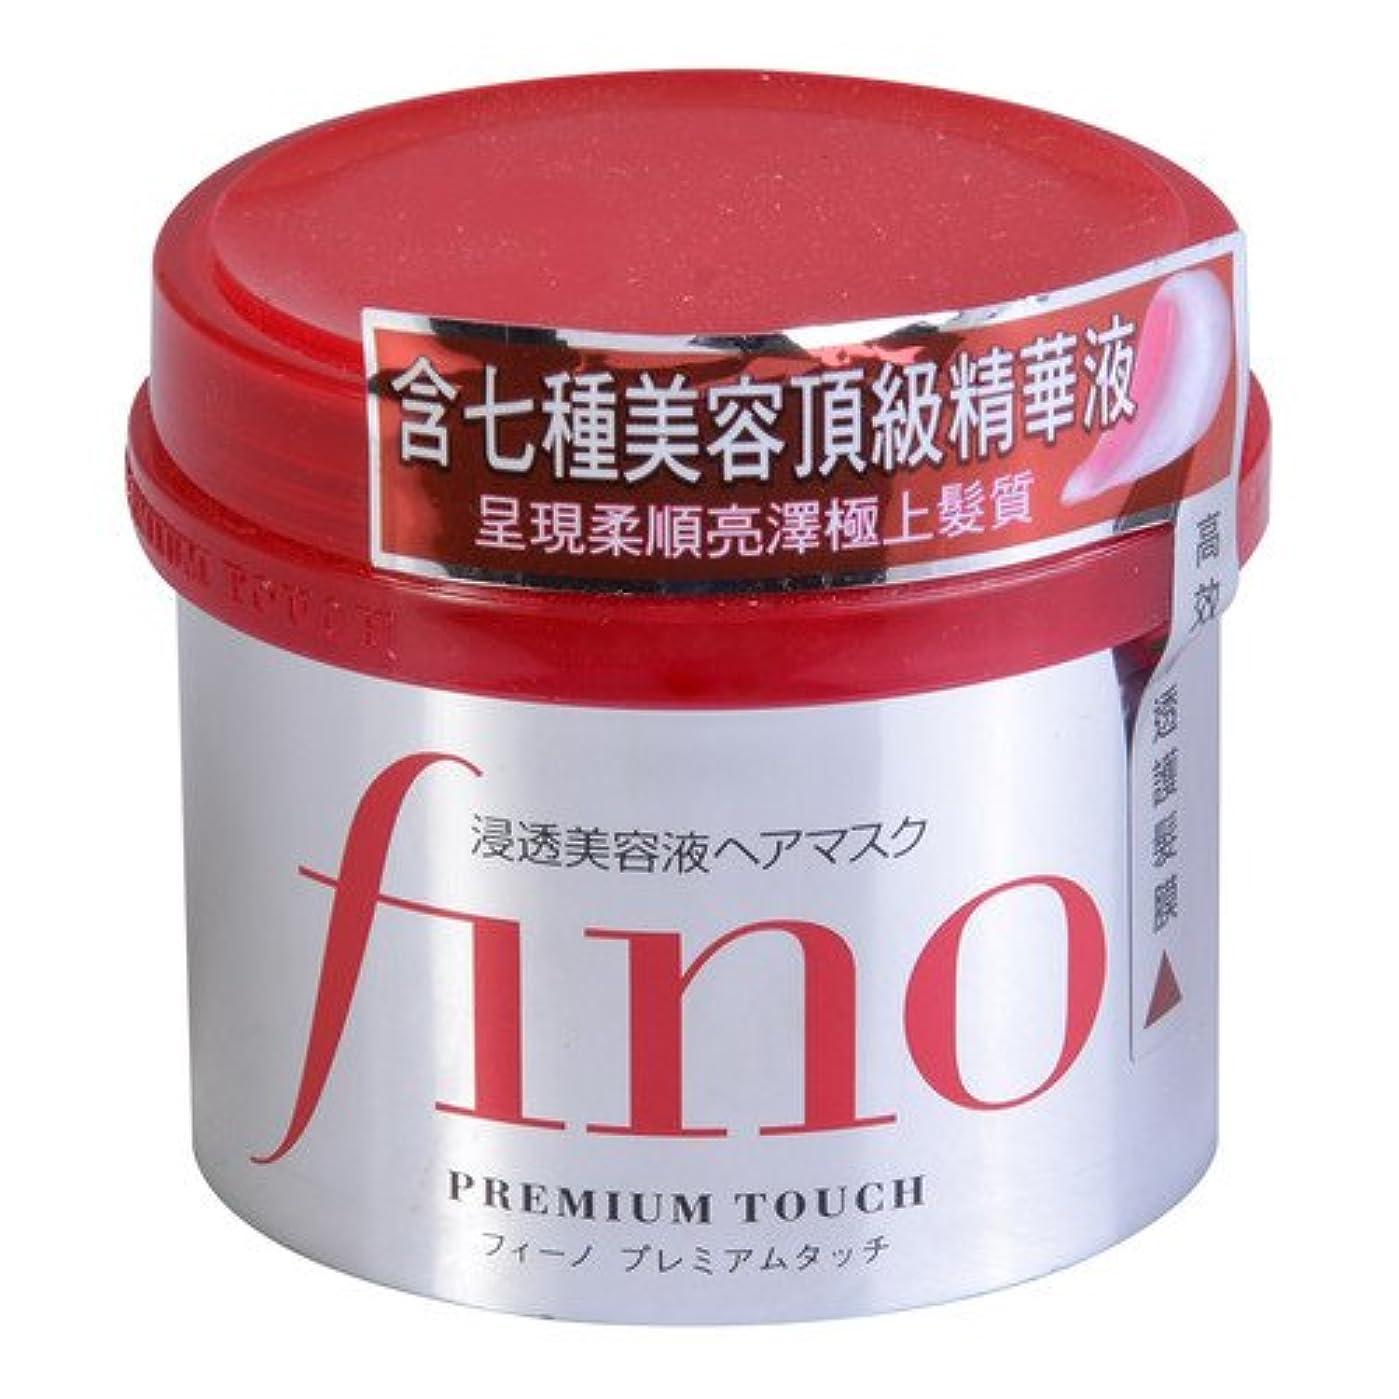 しっとりカスケード残るフィーノ プレミアムタッチ 浸透美容液ヘアマスク230g